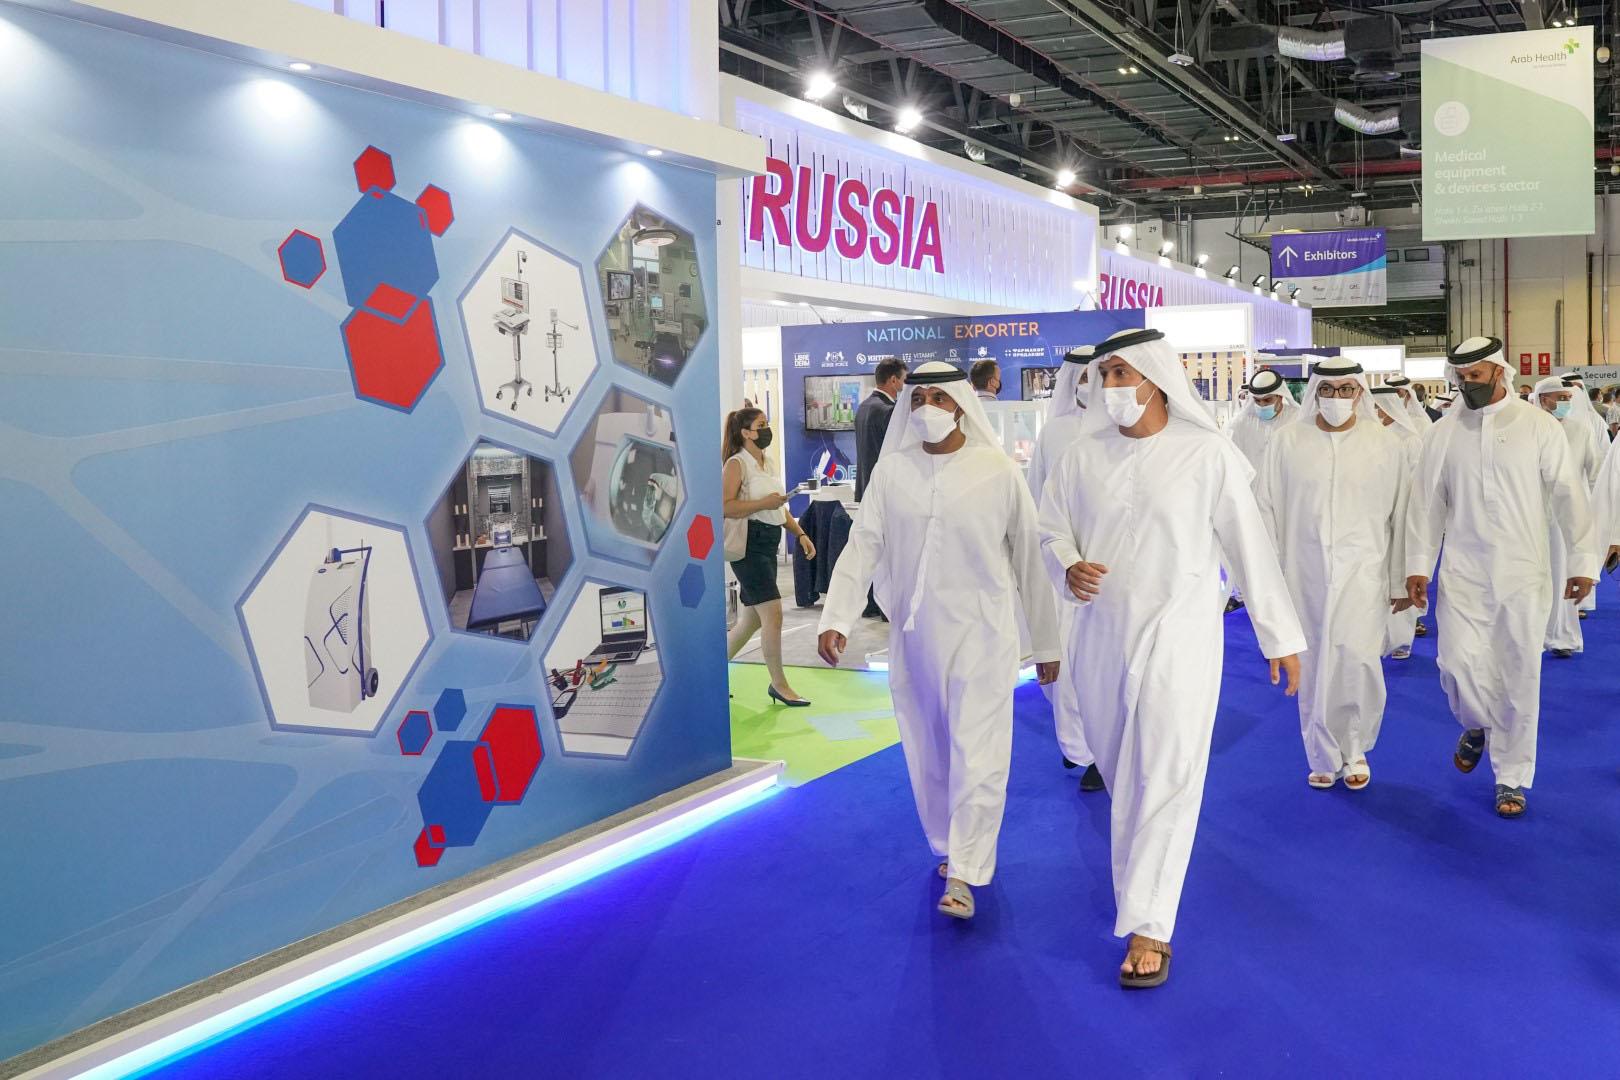 أحمد بن سعيد يفتتح معرضي الصحة العربي وميدلاب الشرق الأوسط بمشاركة 60 دولة